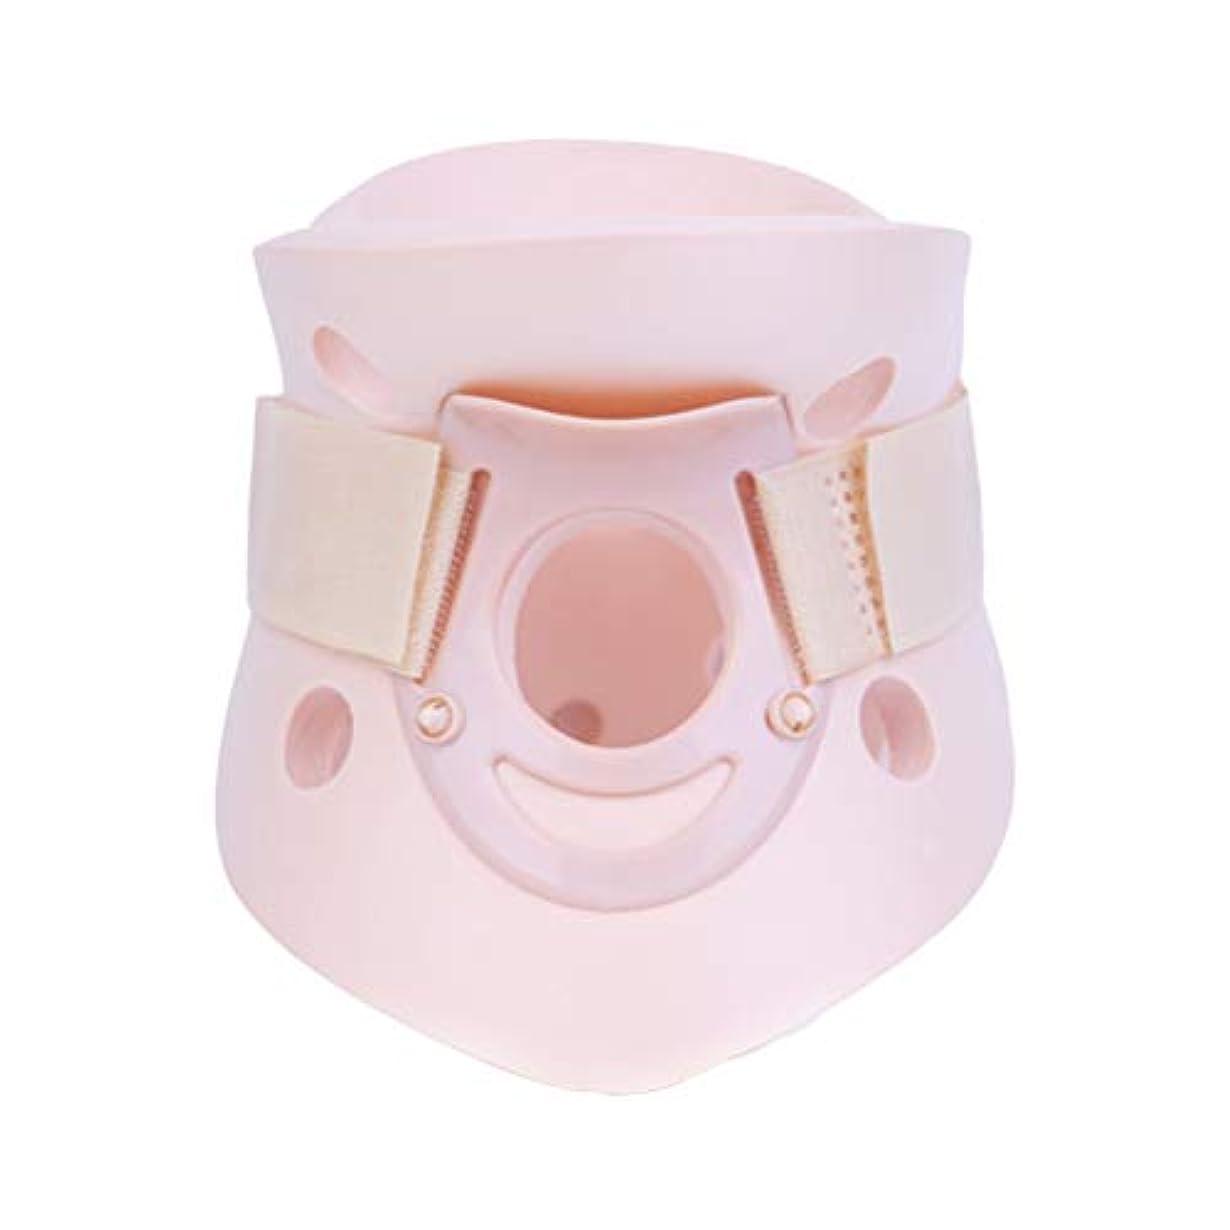 タックルデモンストレーション警報SUPVOX ネックブレース頸部カラーネックサポートにより、脊椎ラップの圧力を緩和し、脊椎を安定させて、カイロプラクティックの慢性的な首の痛み脊椎のアライメントを調整します